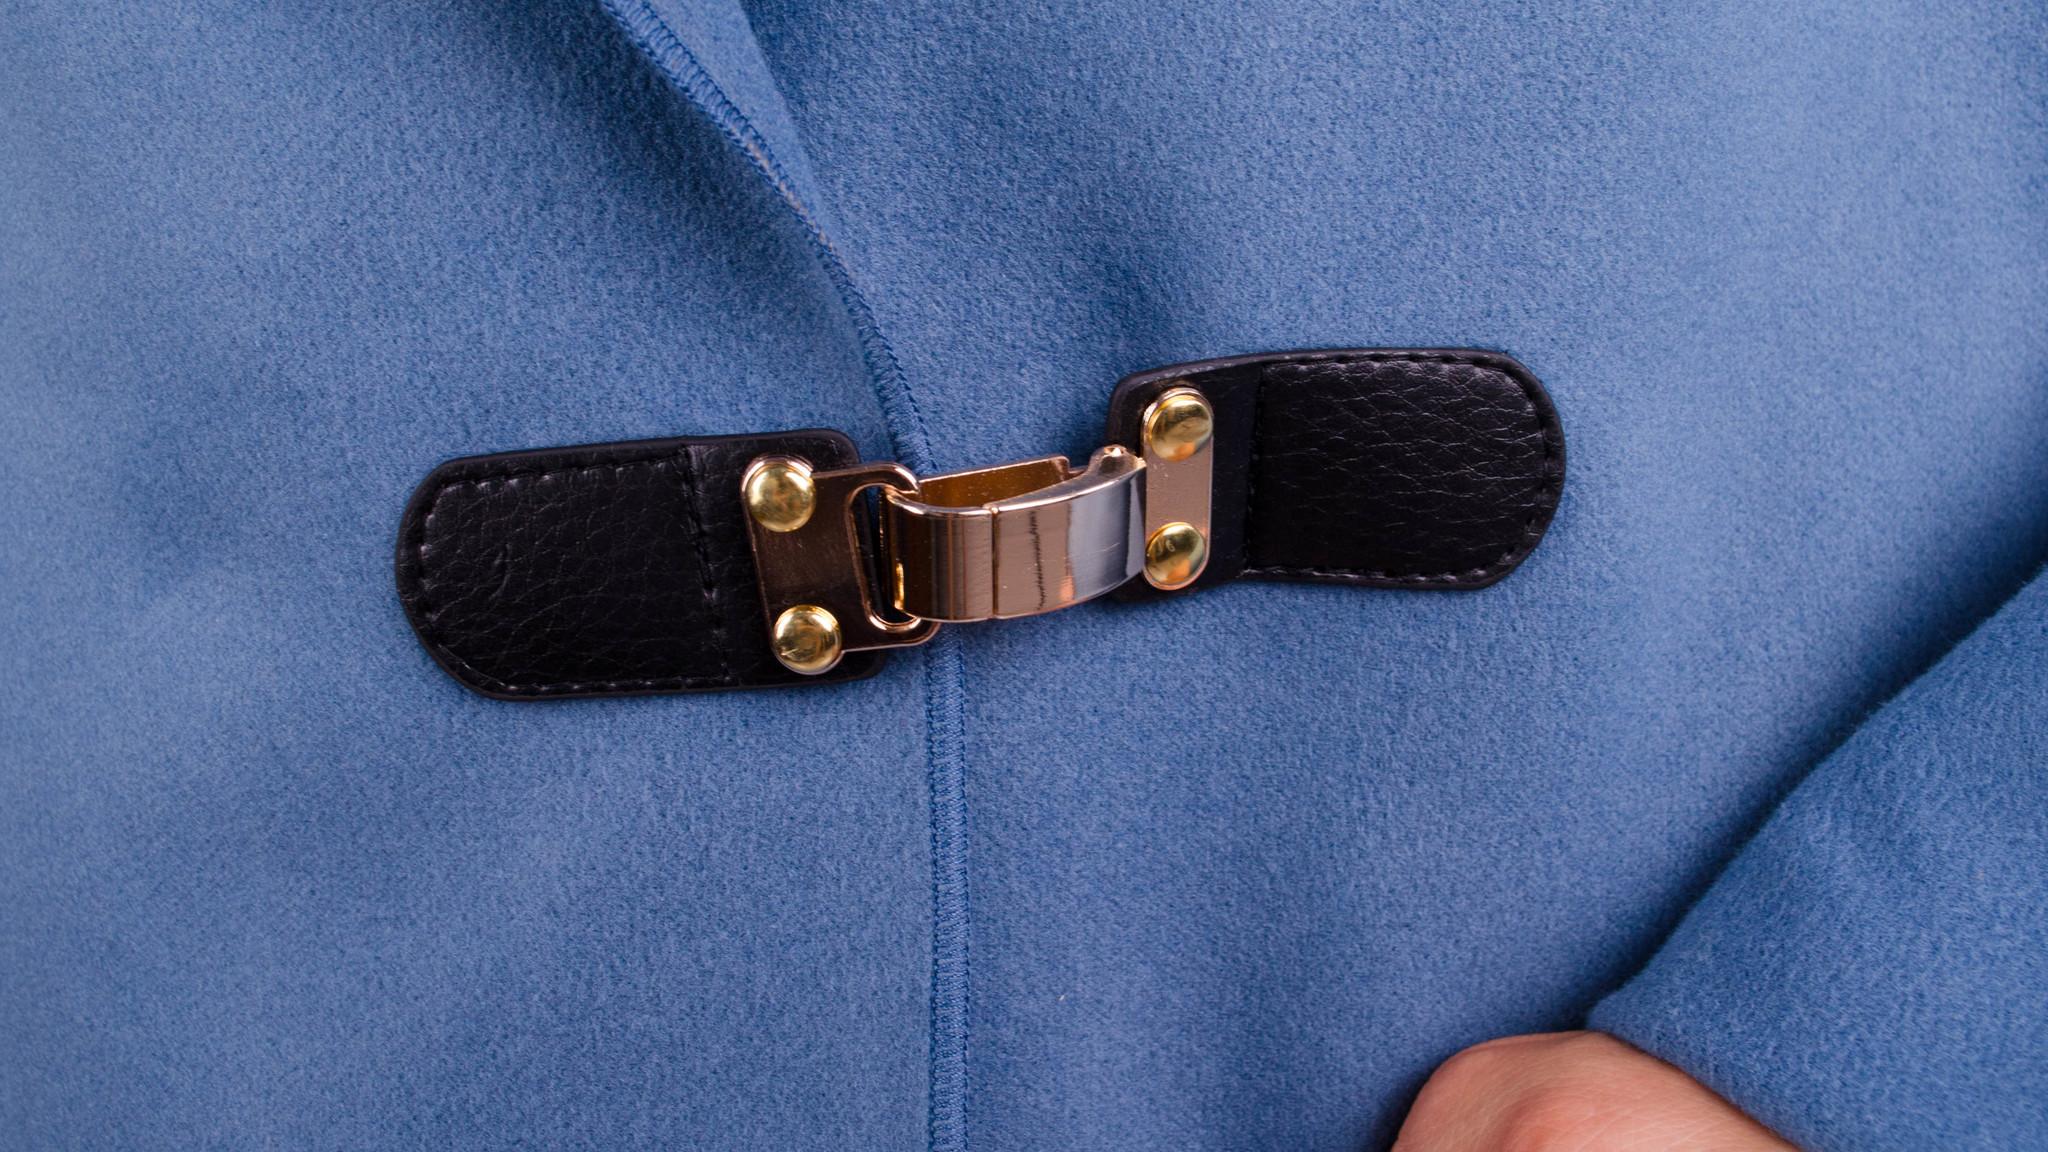 80f4b506ce1 Сарена. Женское пальто-кардиган больших размеров. Джинс. - купить по ...